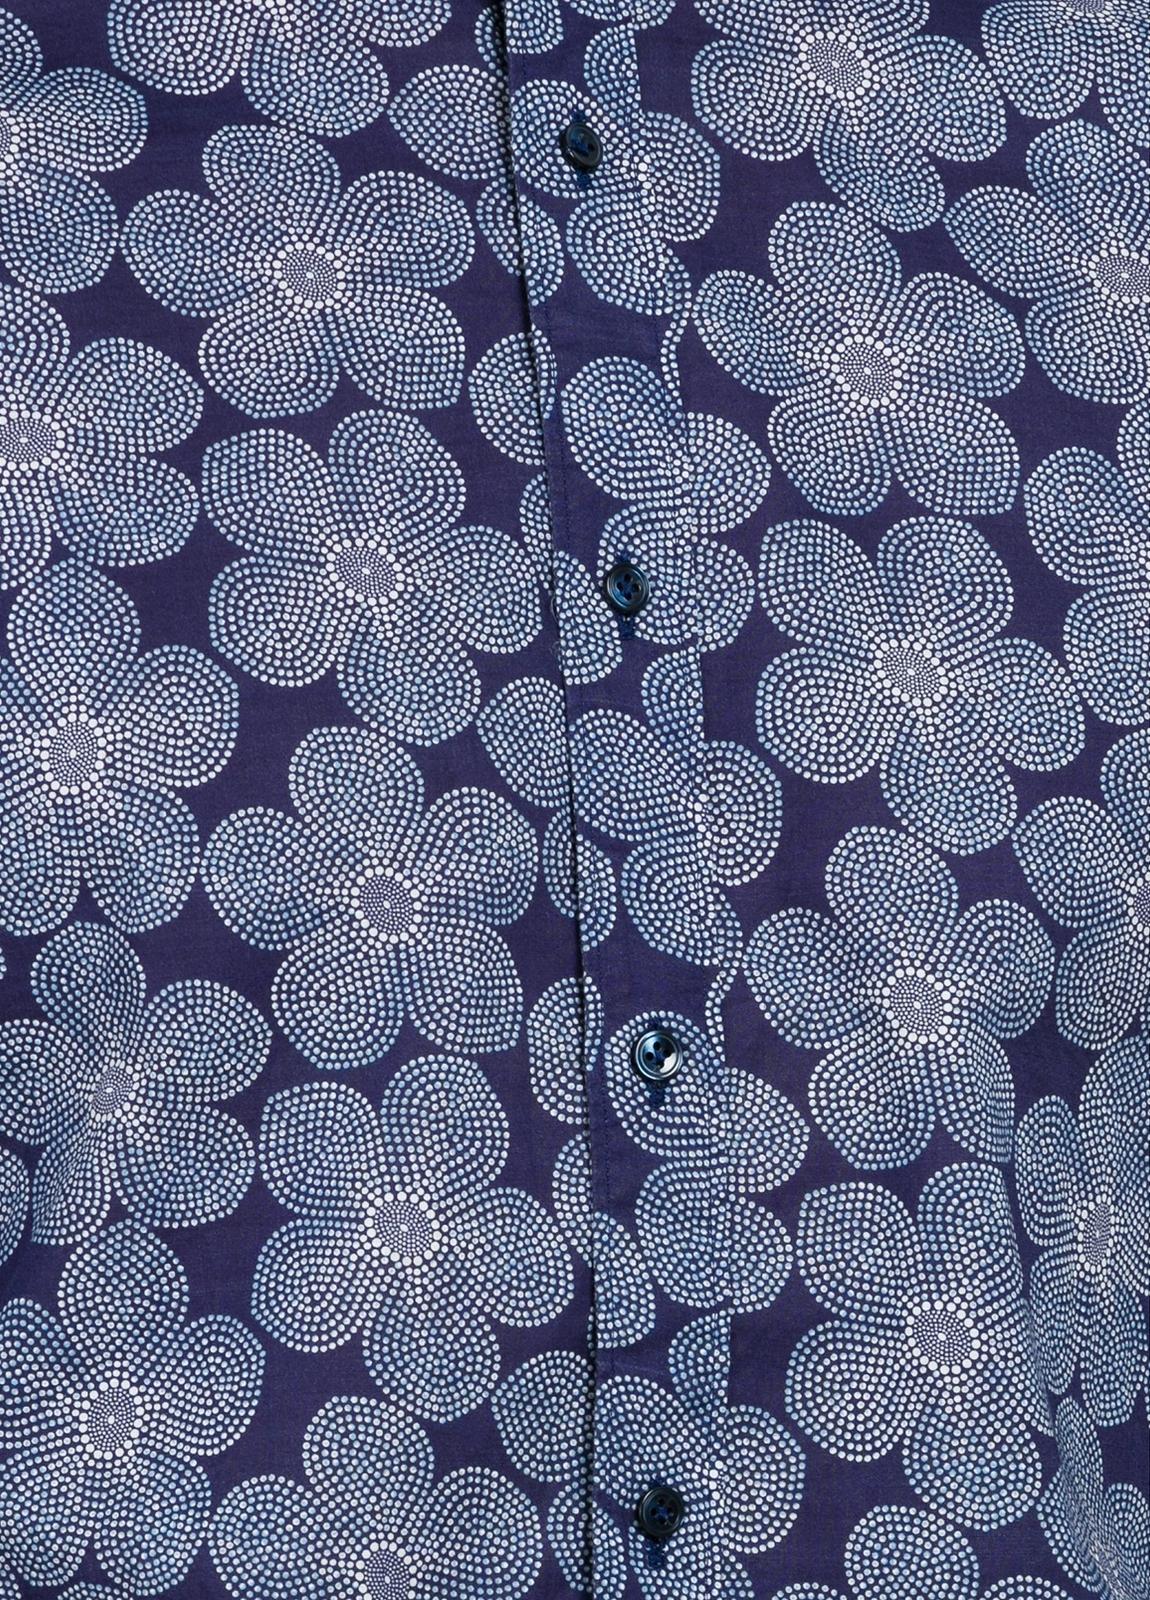 Camisa sport SLIM FIT modelo MAO JAPAN maxi estampado floral y cuello mao, 100% Algodón. - Ítem1